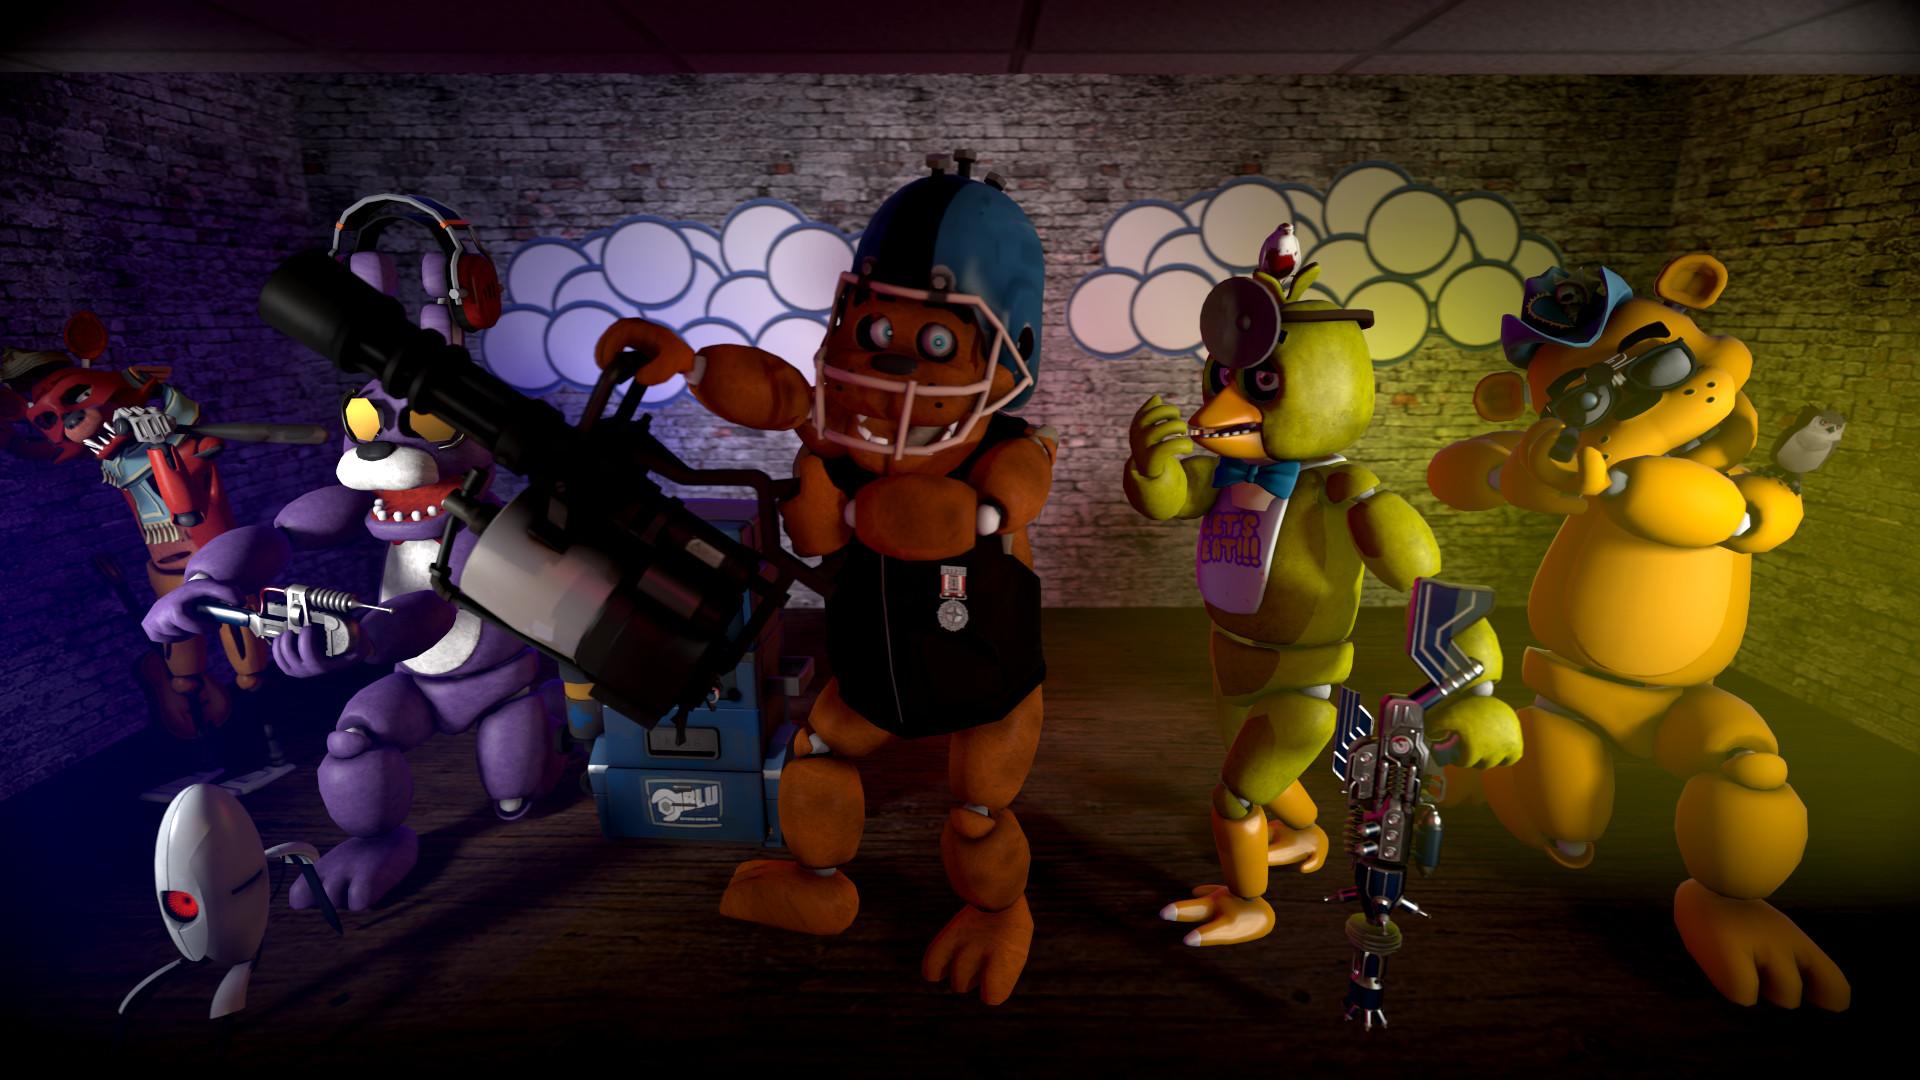 … Freddy Fazbear Pizzeria theme: Team Fortress by RoboticFreeze